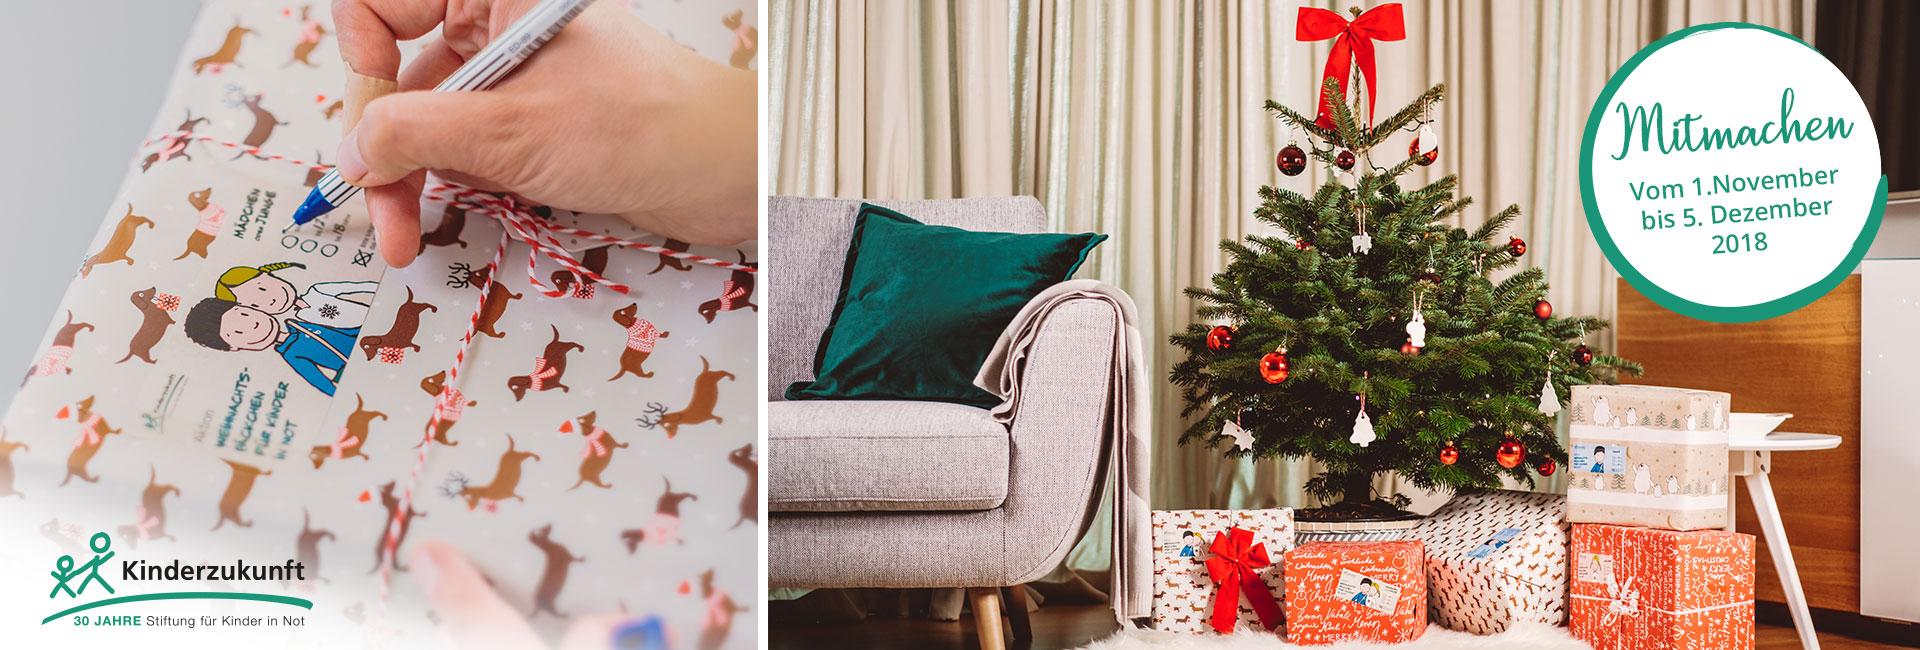 Weihnachtspäckchen Für Kinder In Not Möbel Höffner